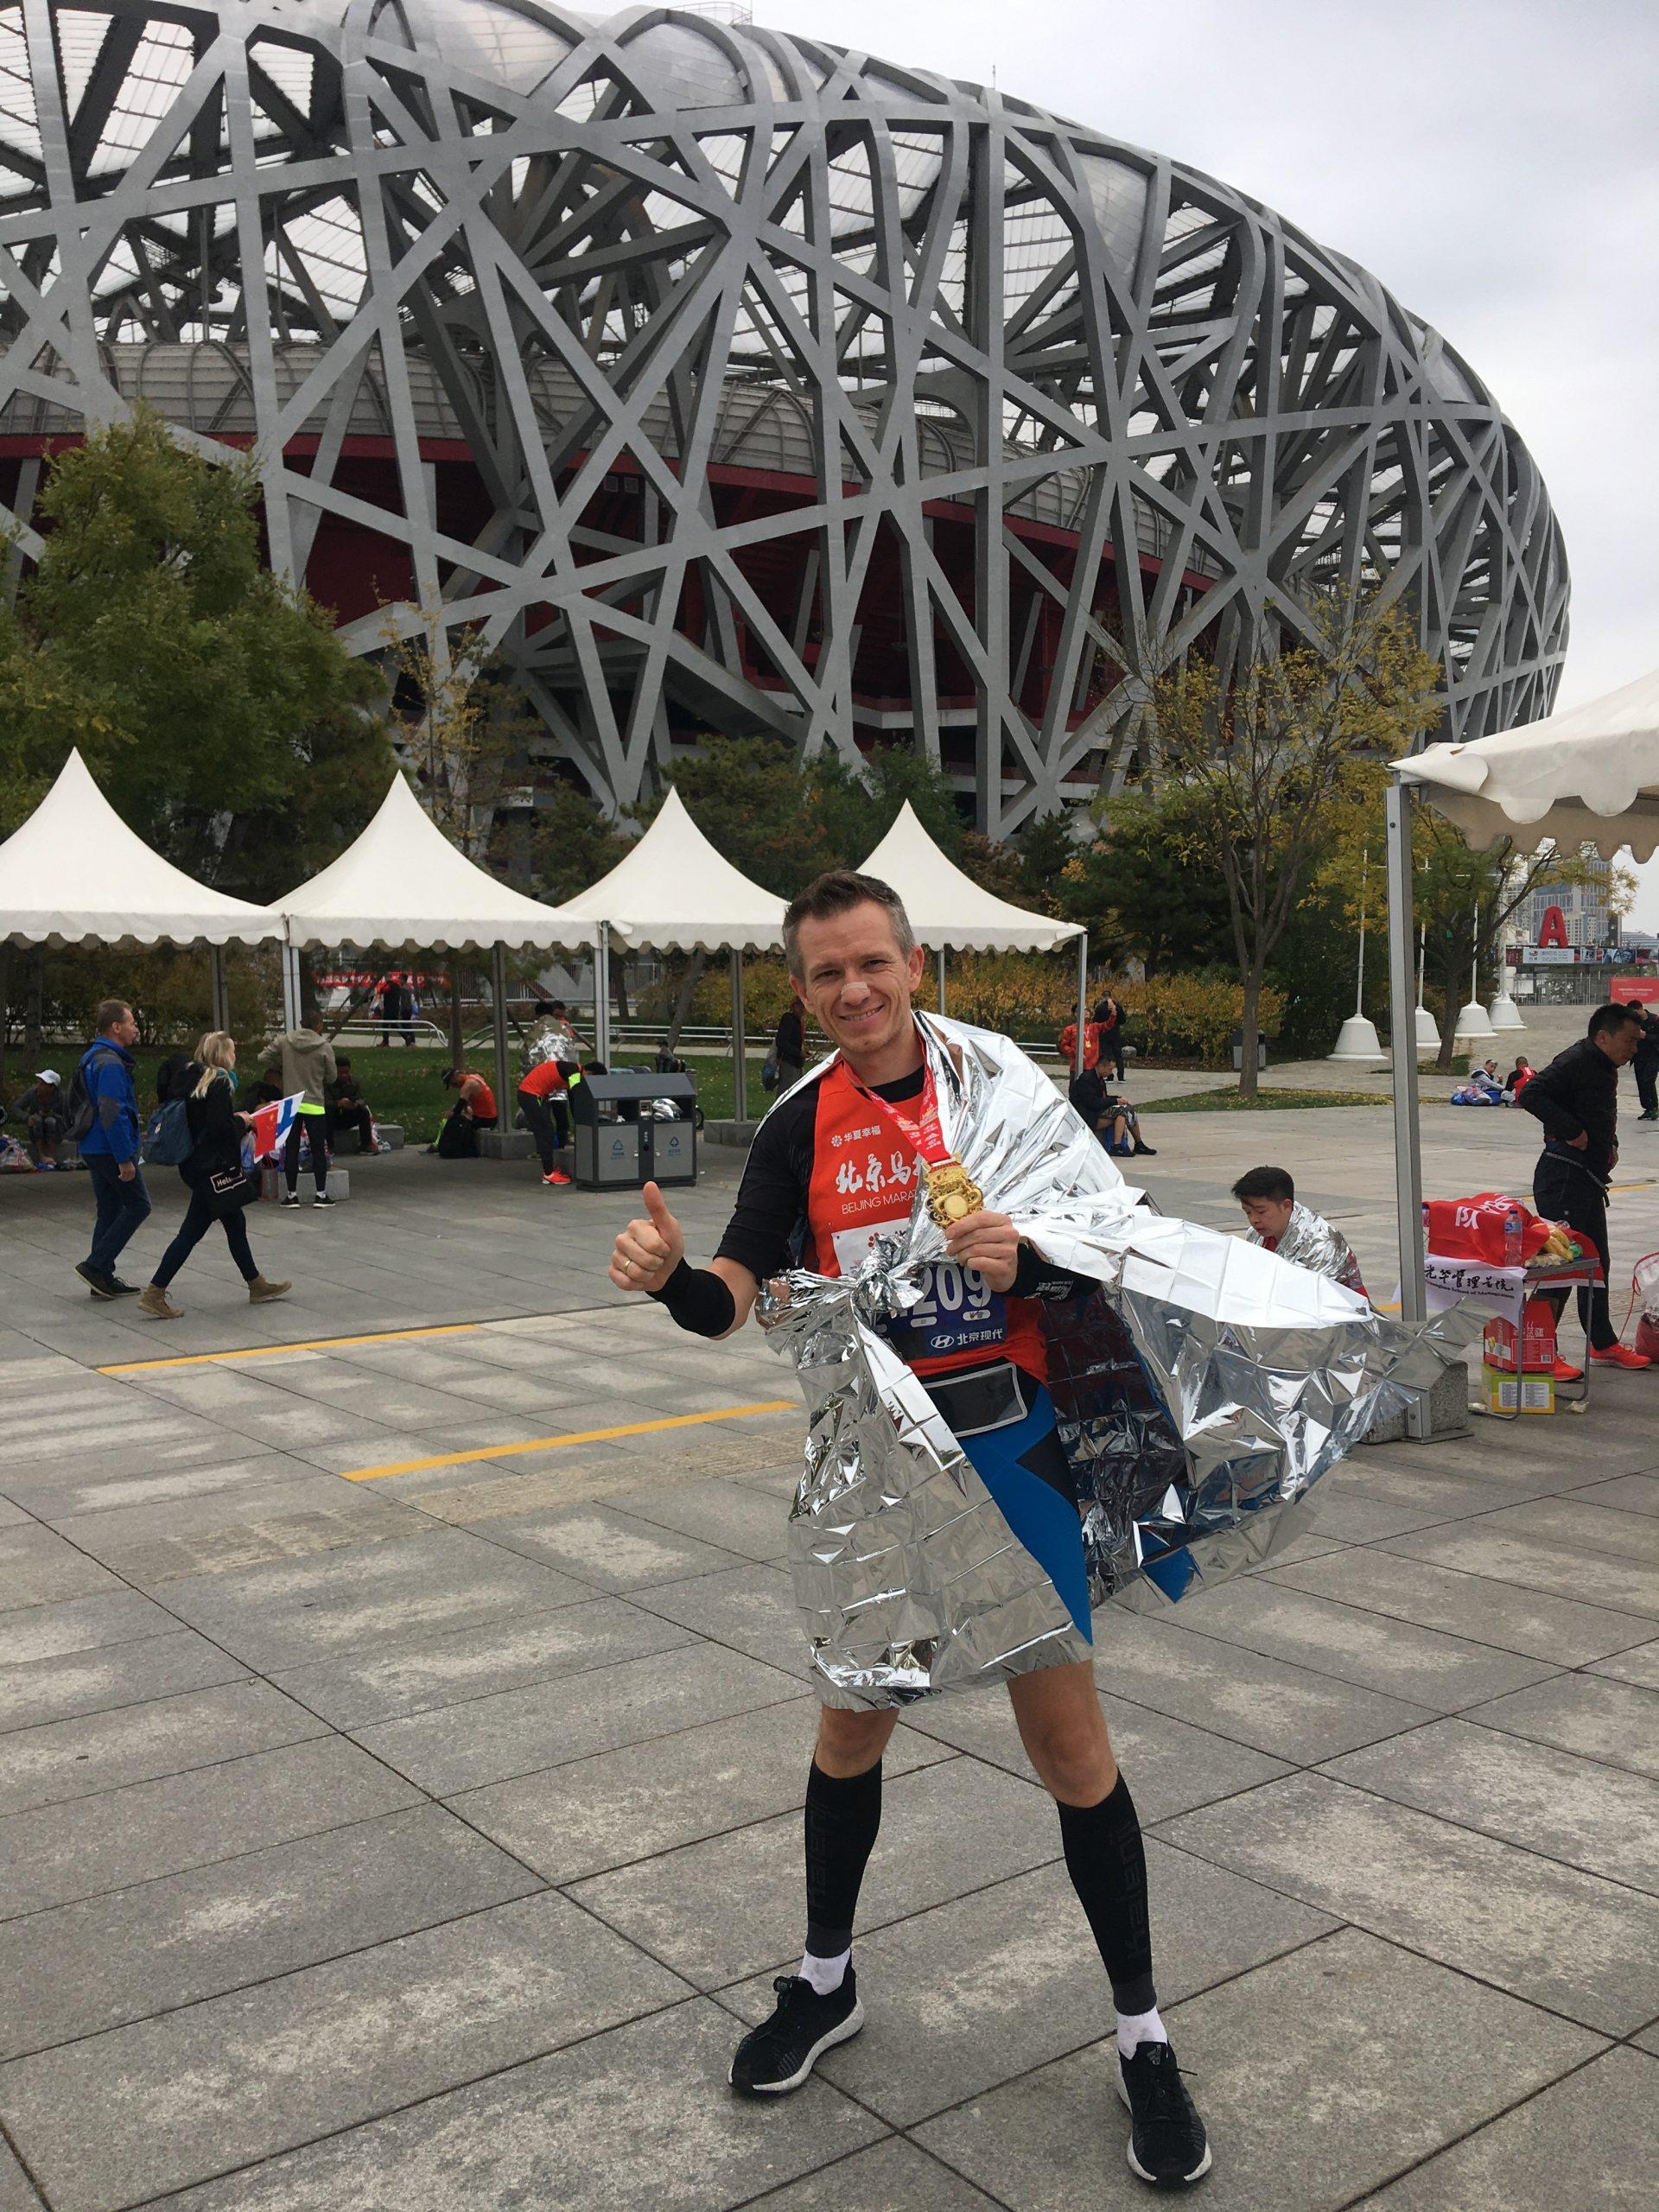 zum Bild: Karl Kicker vor dem Olympiastadion (Vogelnest) in Peking nach dem Peking-Marathon 2019. Foto: Karl Kicker.